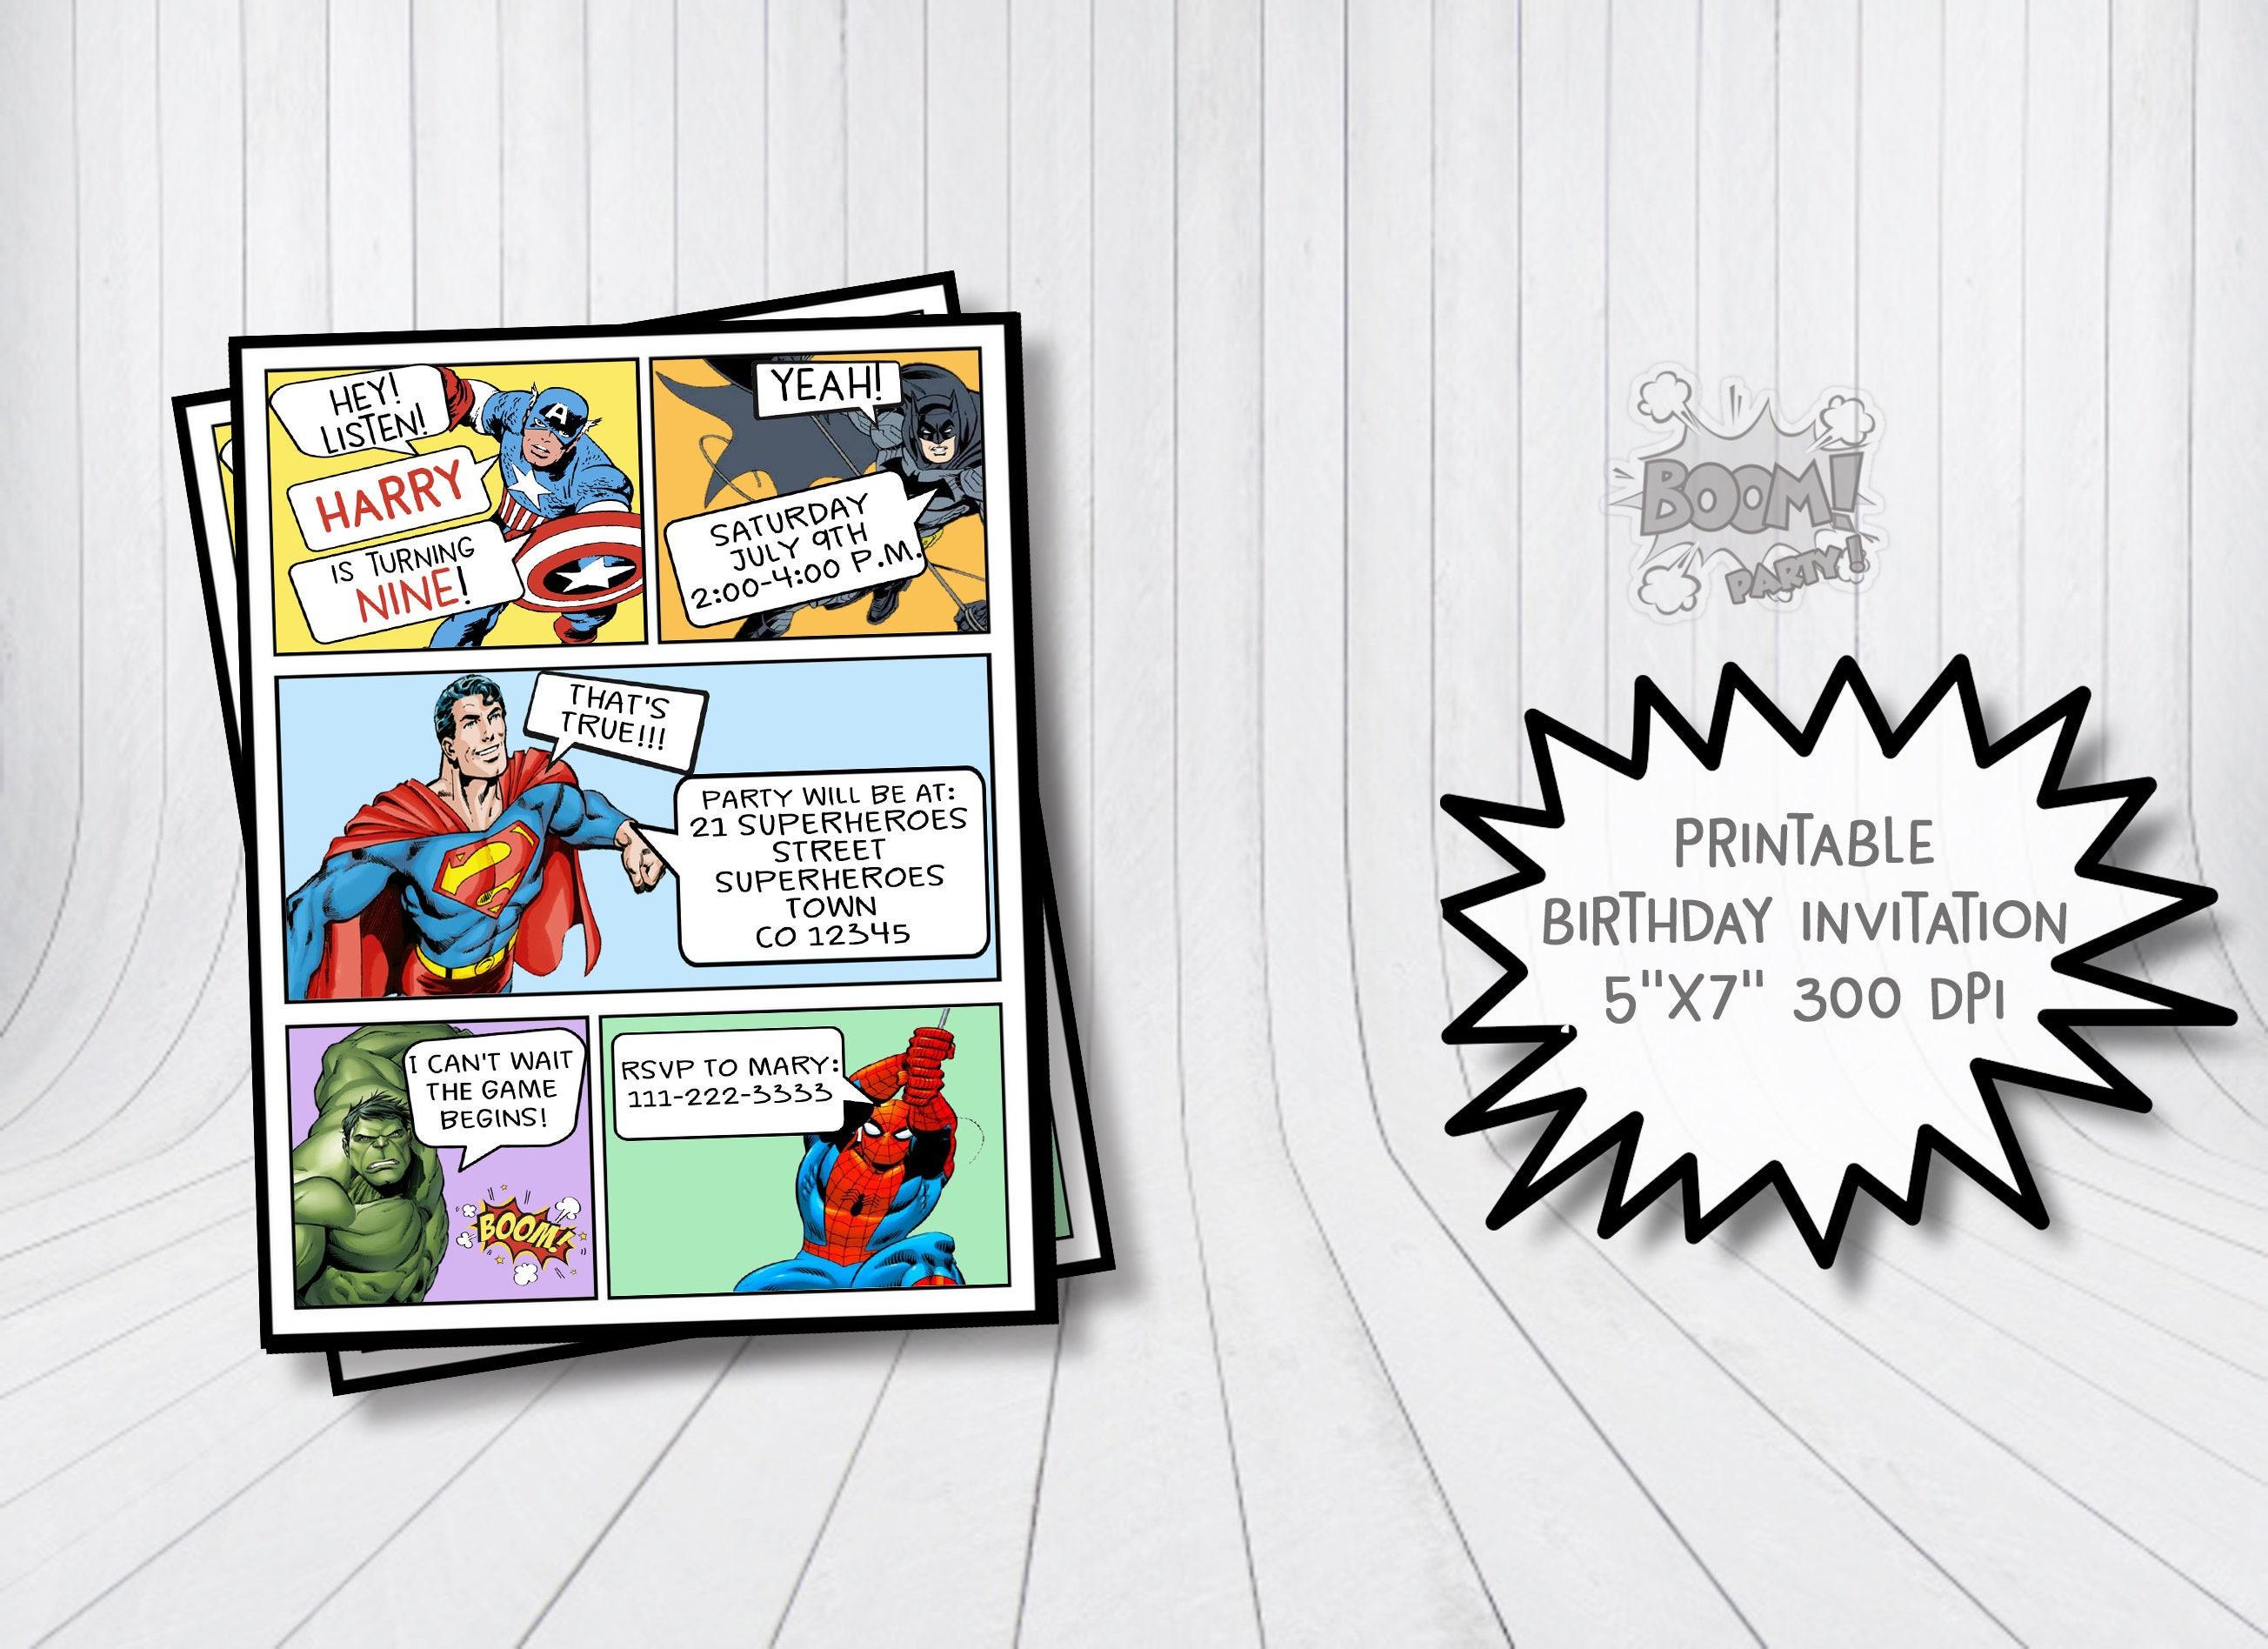 Ausgezeichnet Superhero Einladungsvorlagen Ideen - Entry Level ...